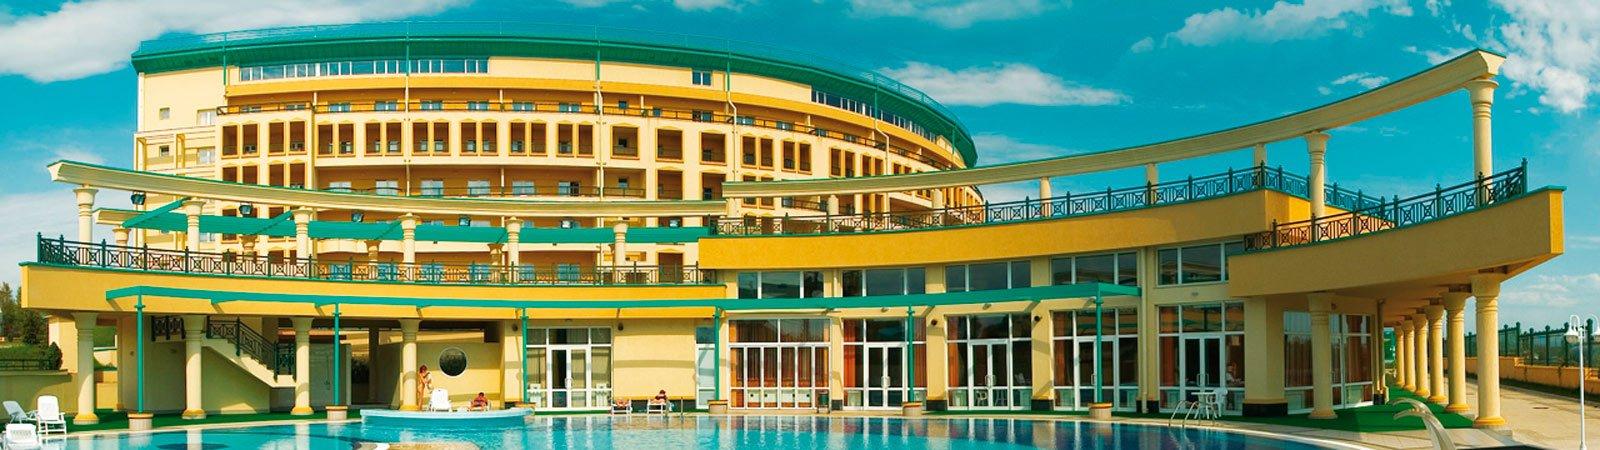 делиться мамиными отель аквамарин анапа фото хотите